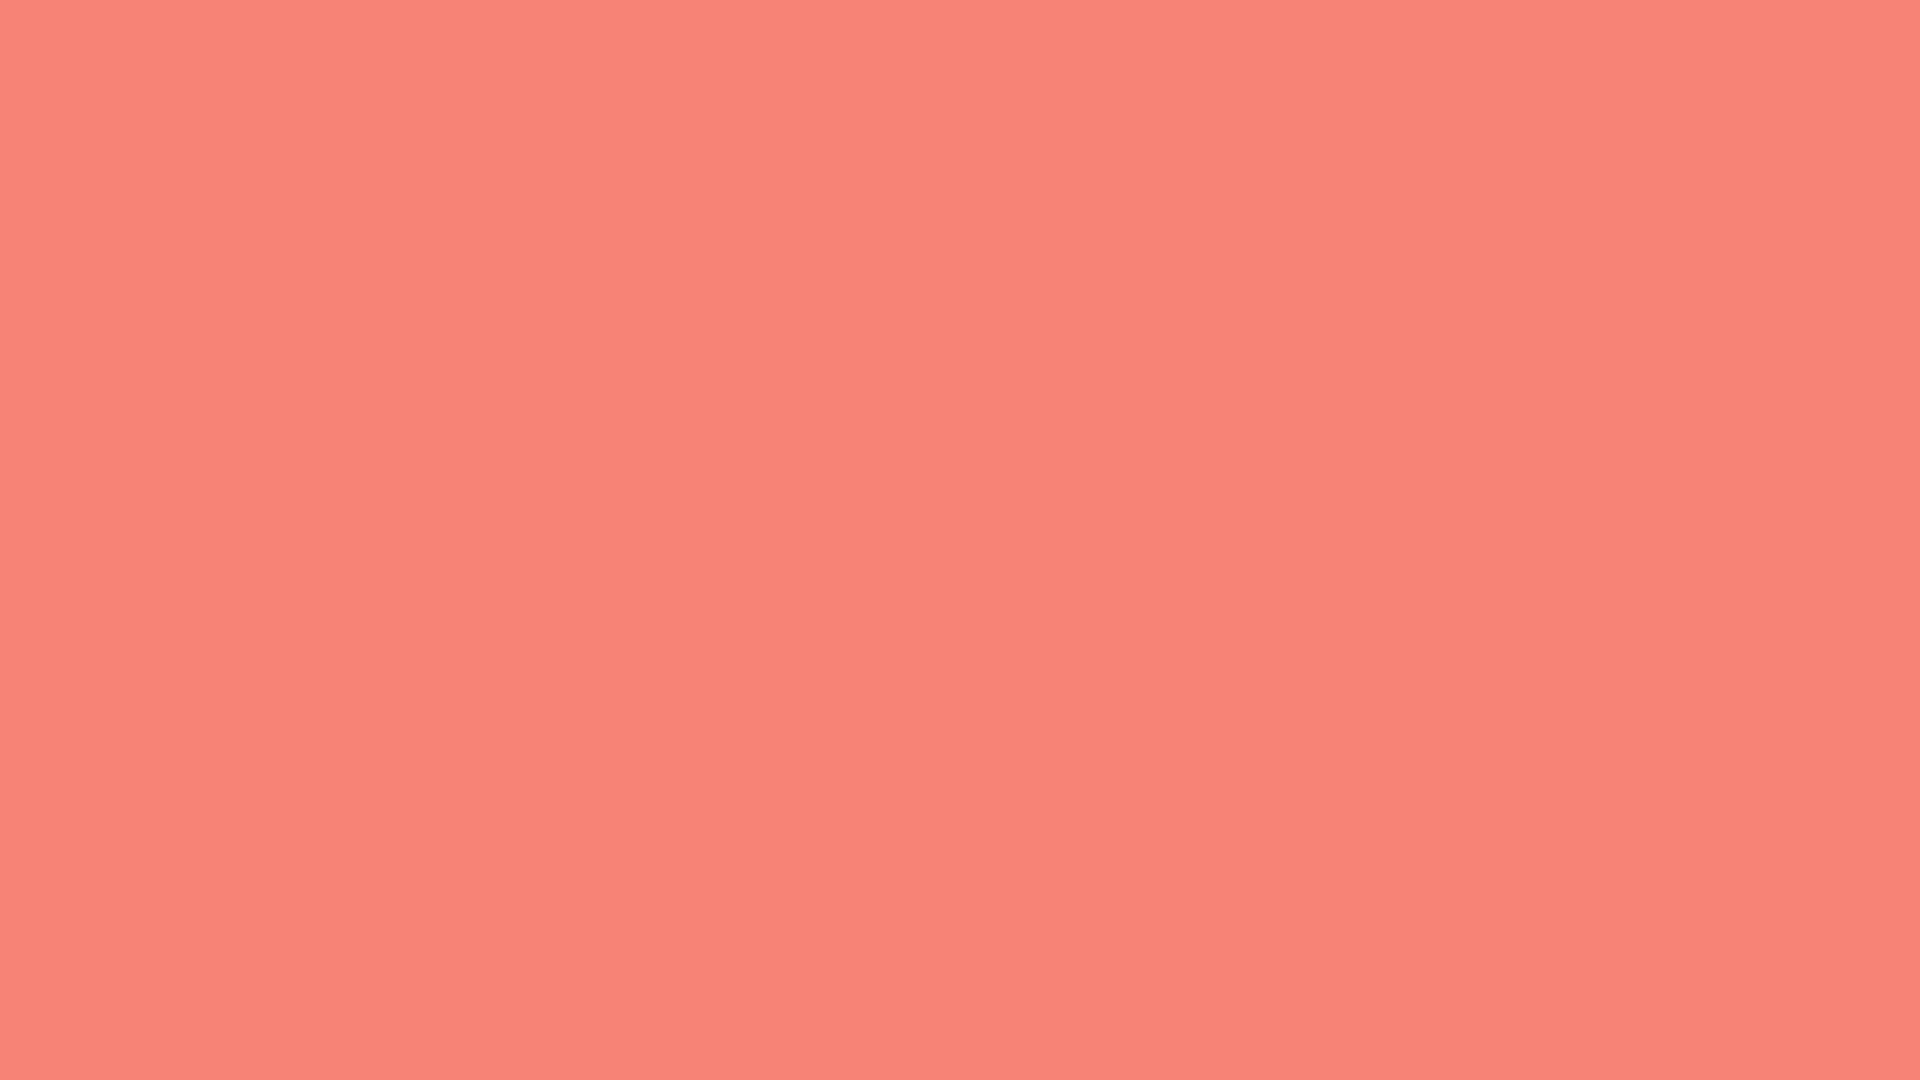 1920x1080 Tea Rose Orange Solid Color Background